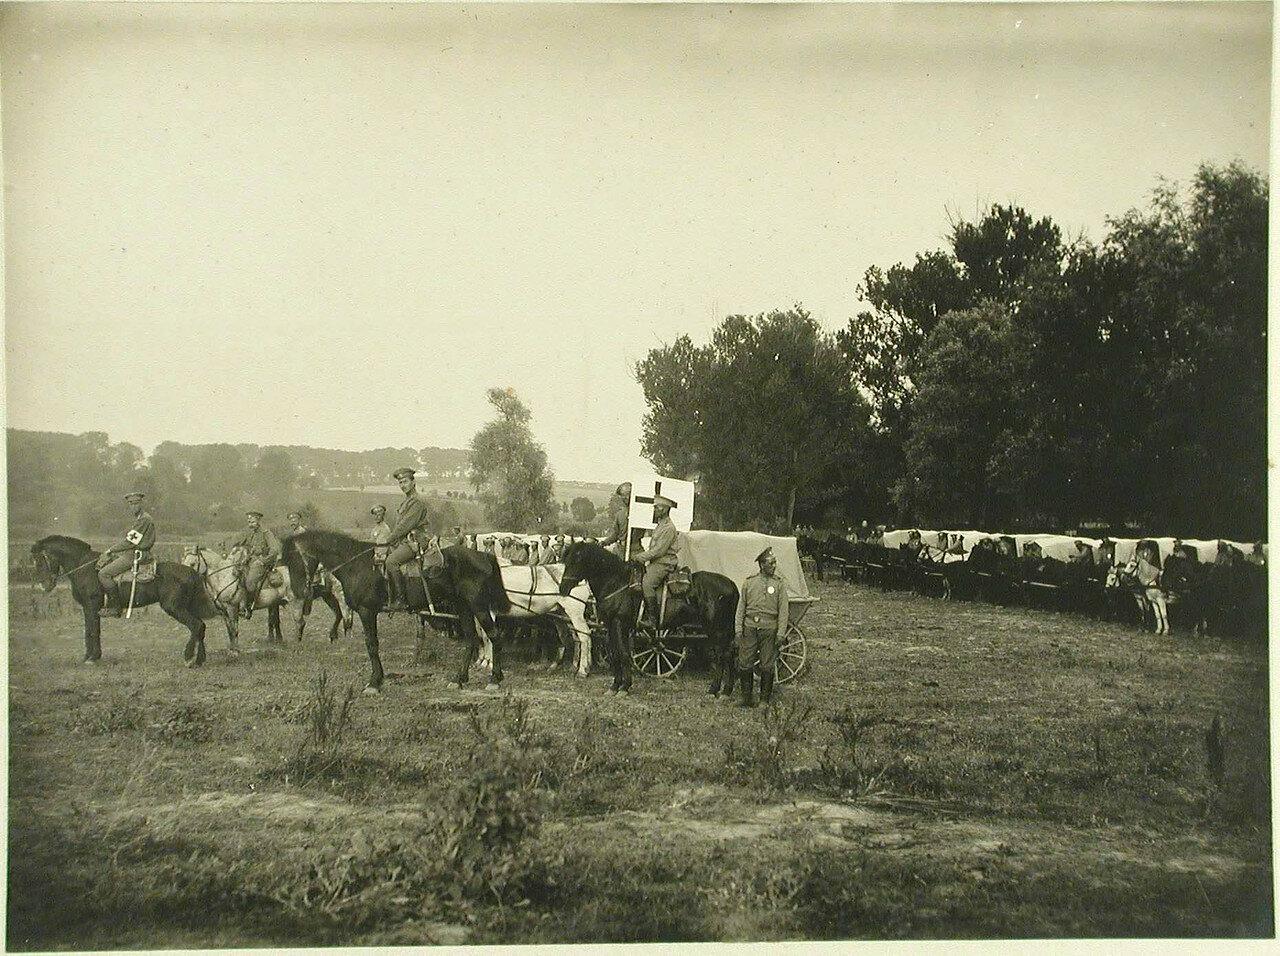 Конный санитарный транспорт отряда № 15 во время стоянки. Местечко Черный Остров, Подольская губ. 1914